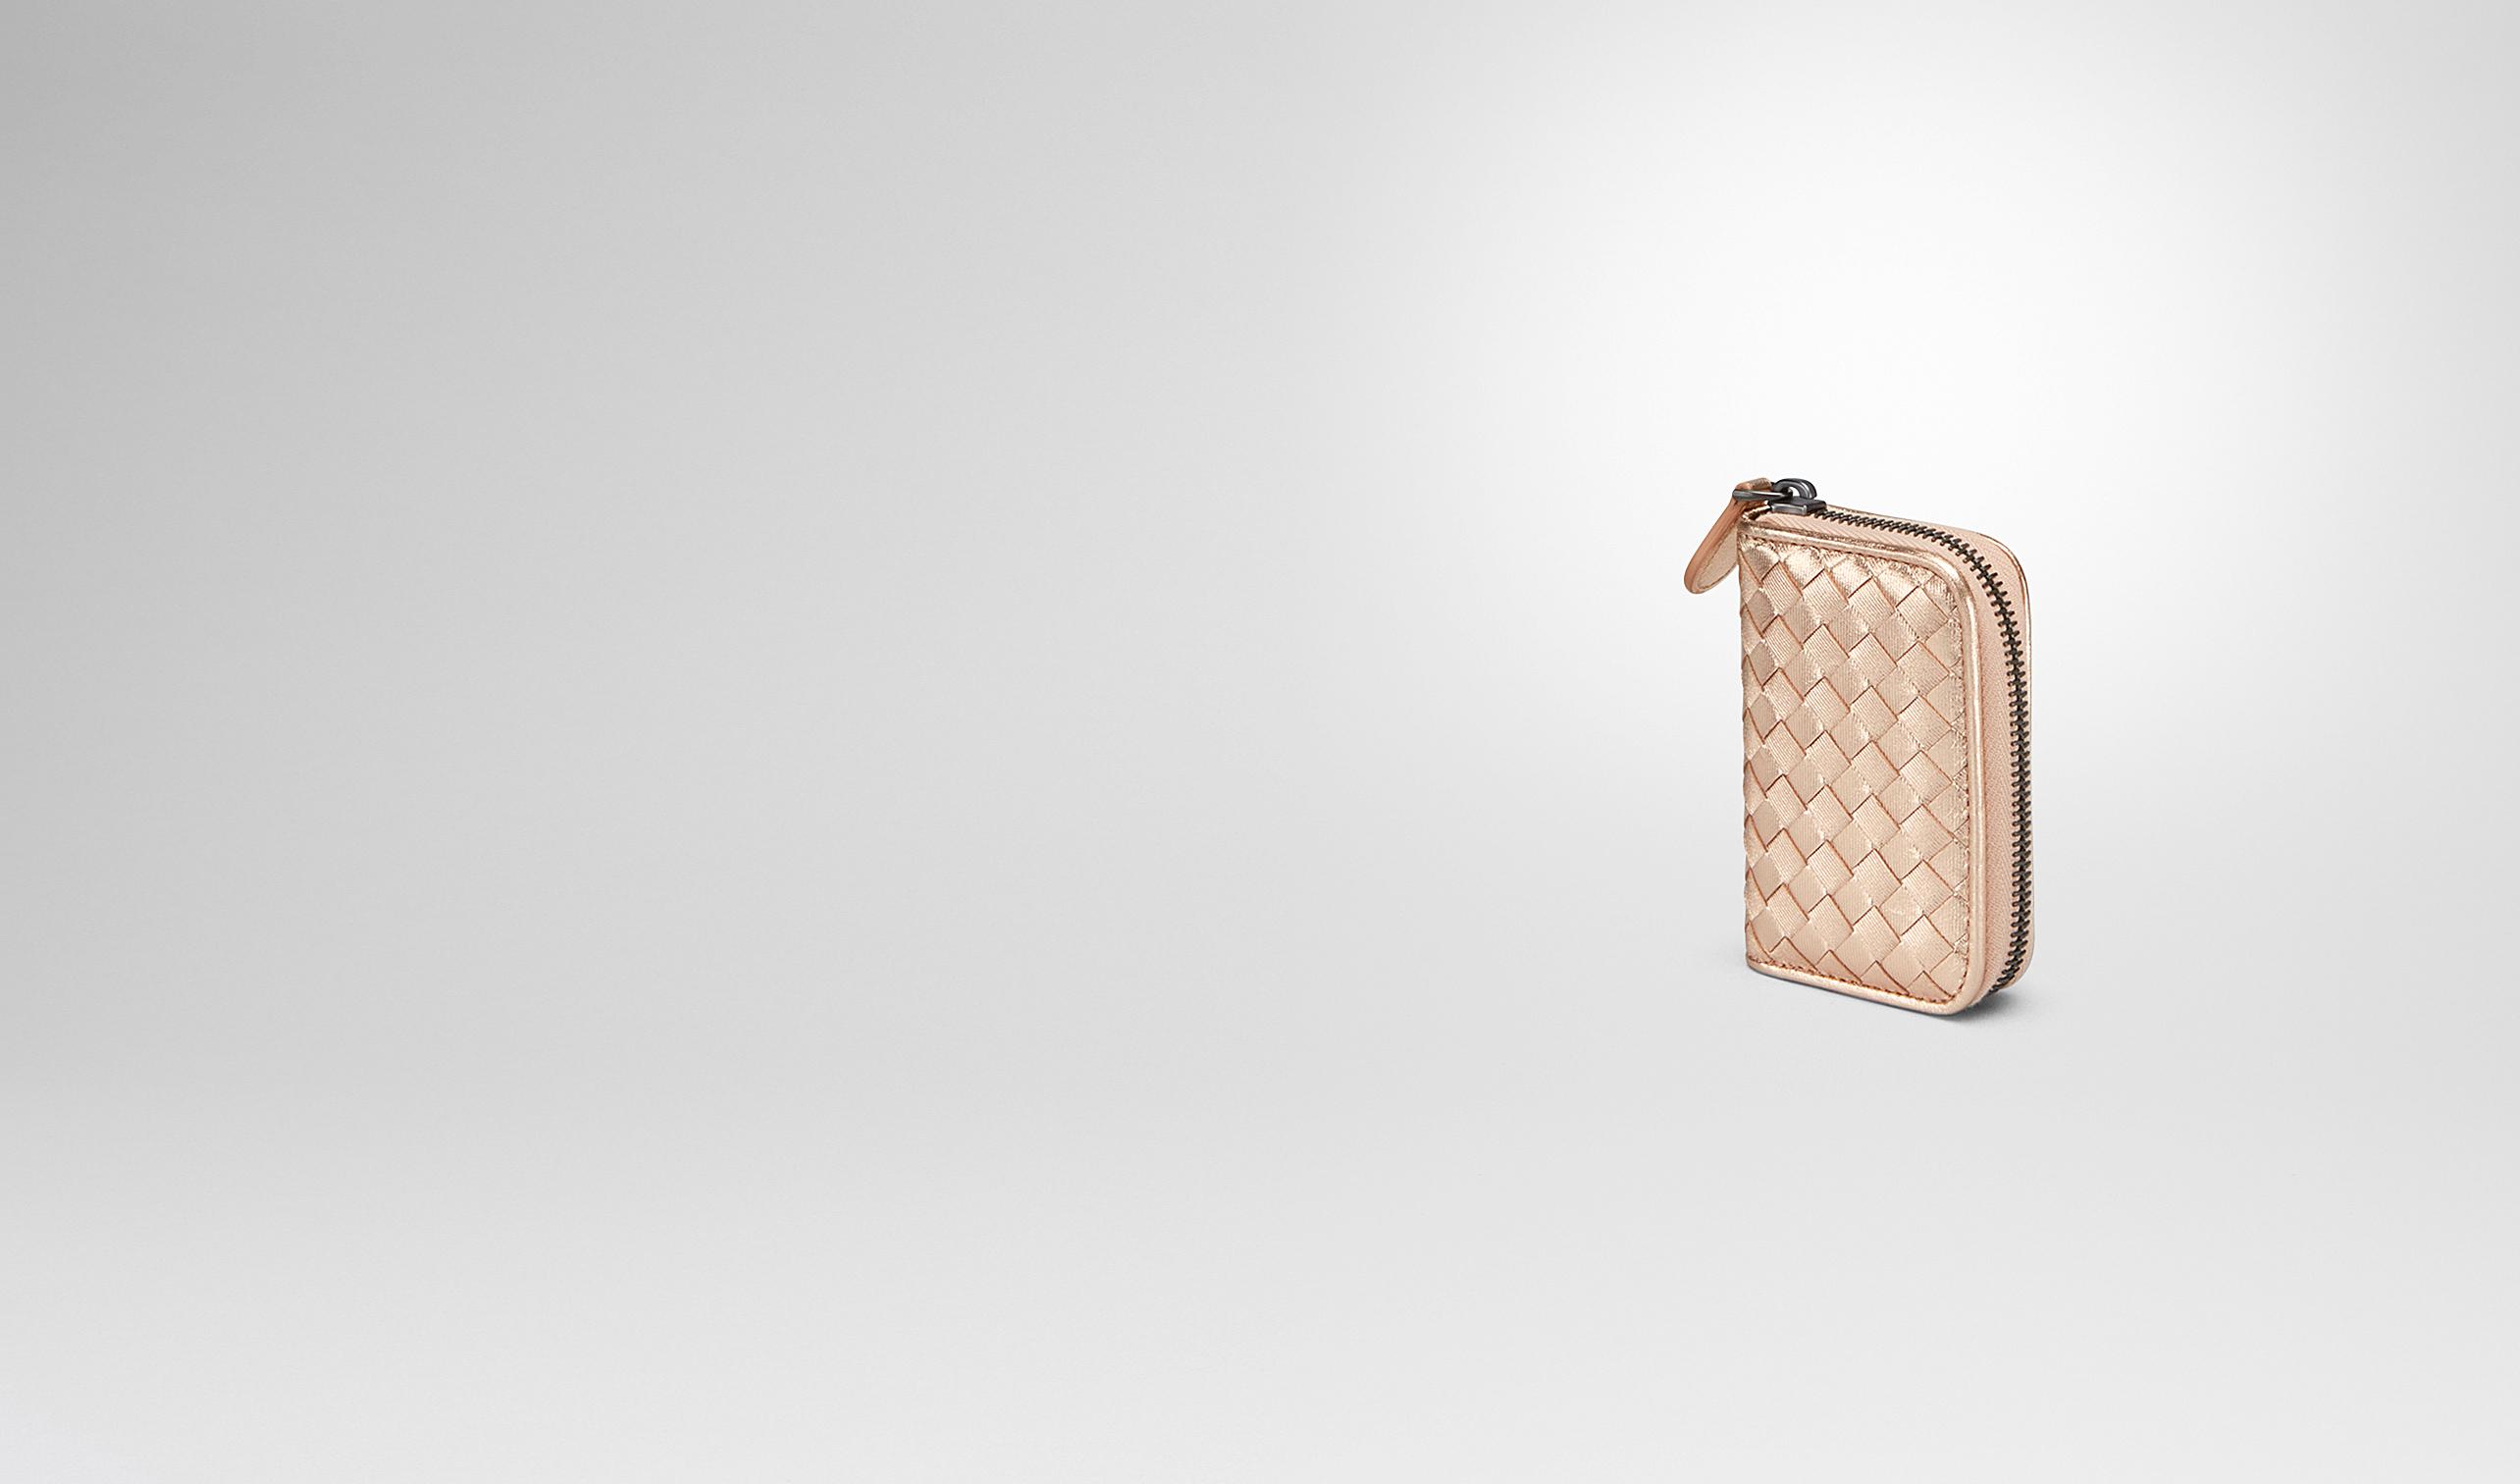 ac38616dc01a  Bottega Veneta® - COIN PURSE IN ROSE GOLD INTRECCIATO GROS GRAIN 